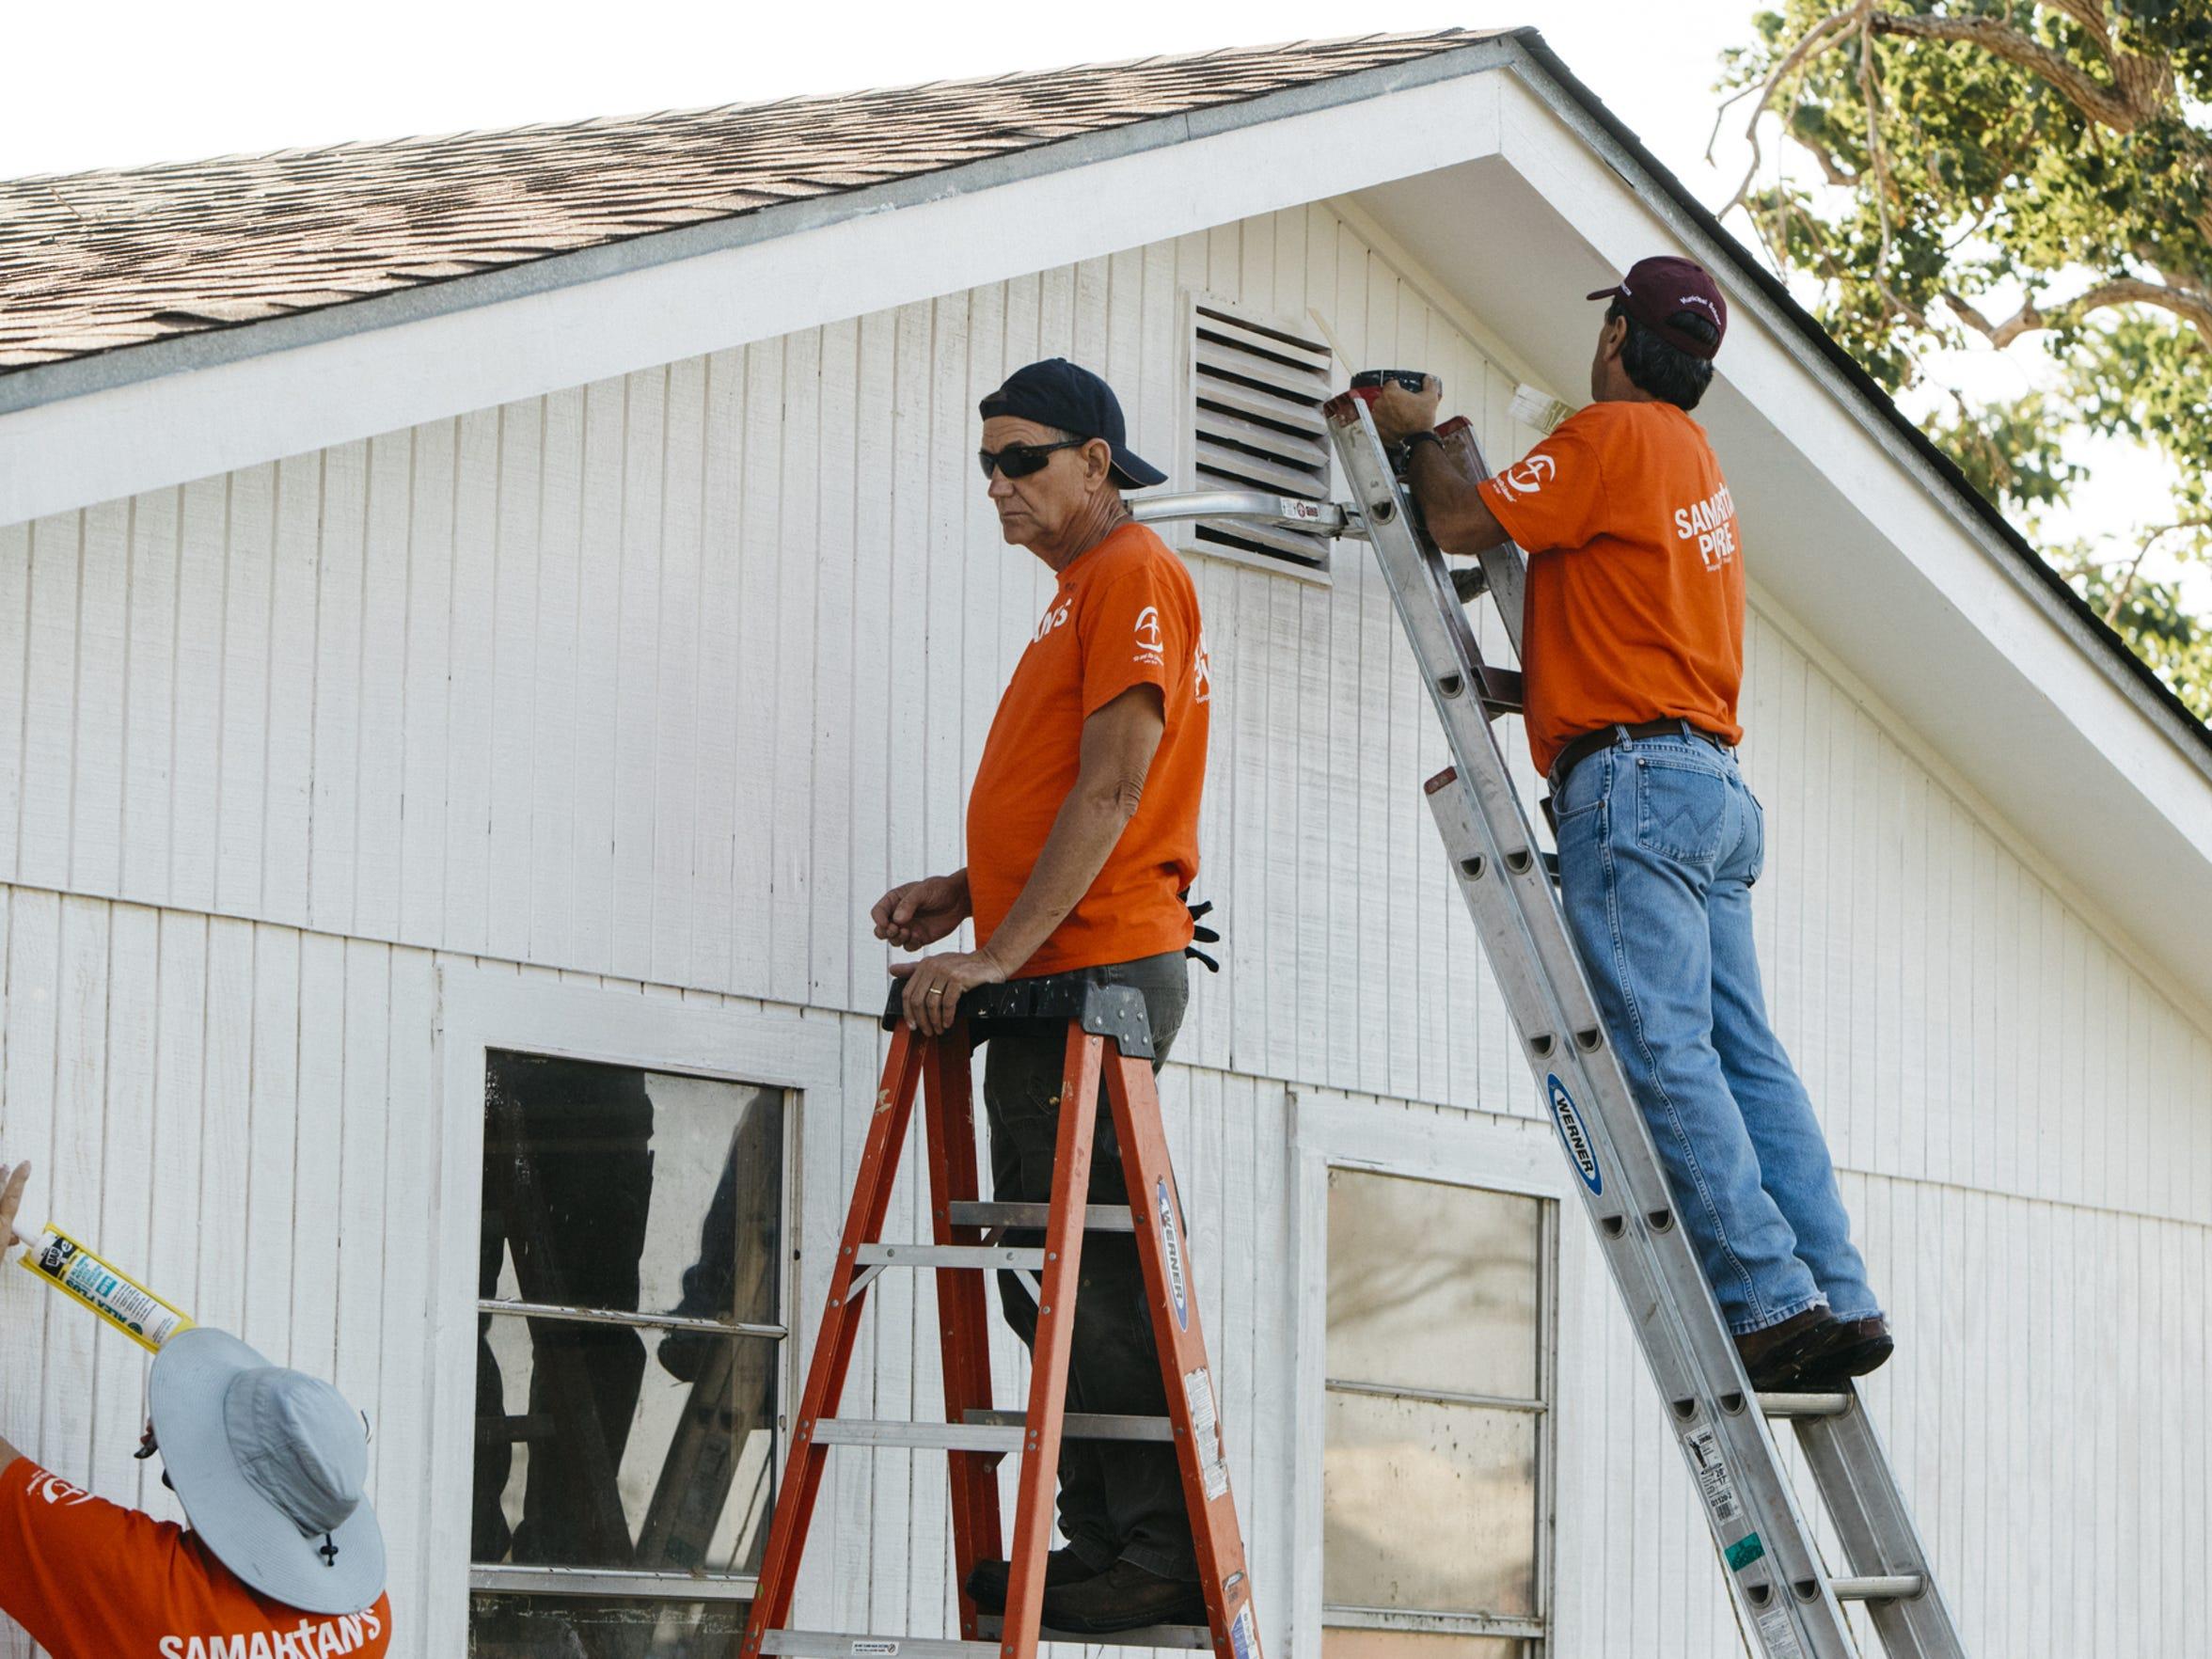 Volunteers work in Rockport to make repairs after Hurricane